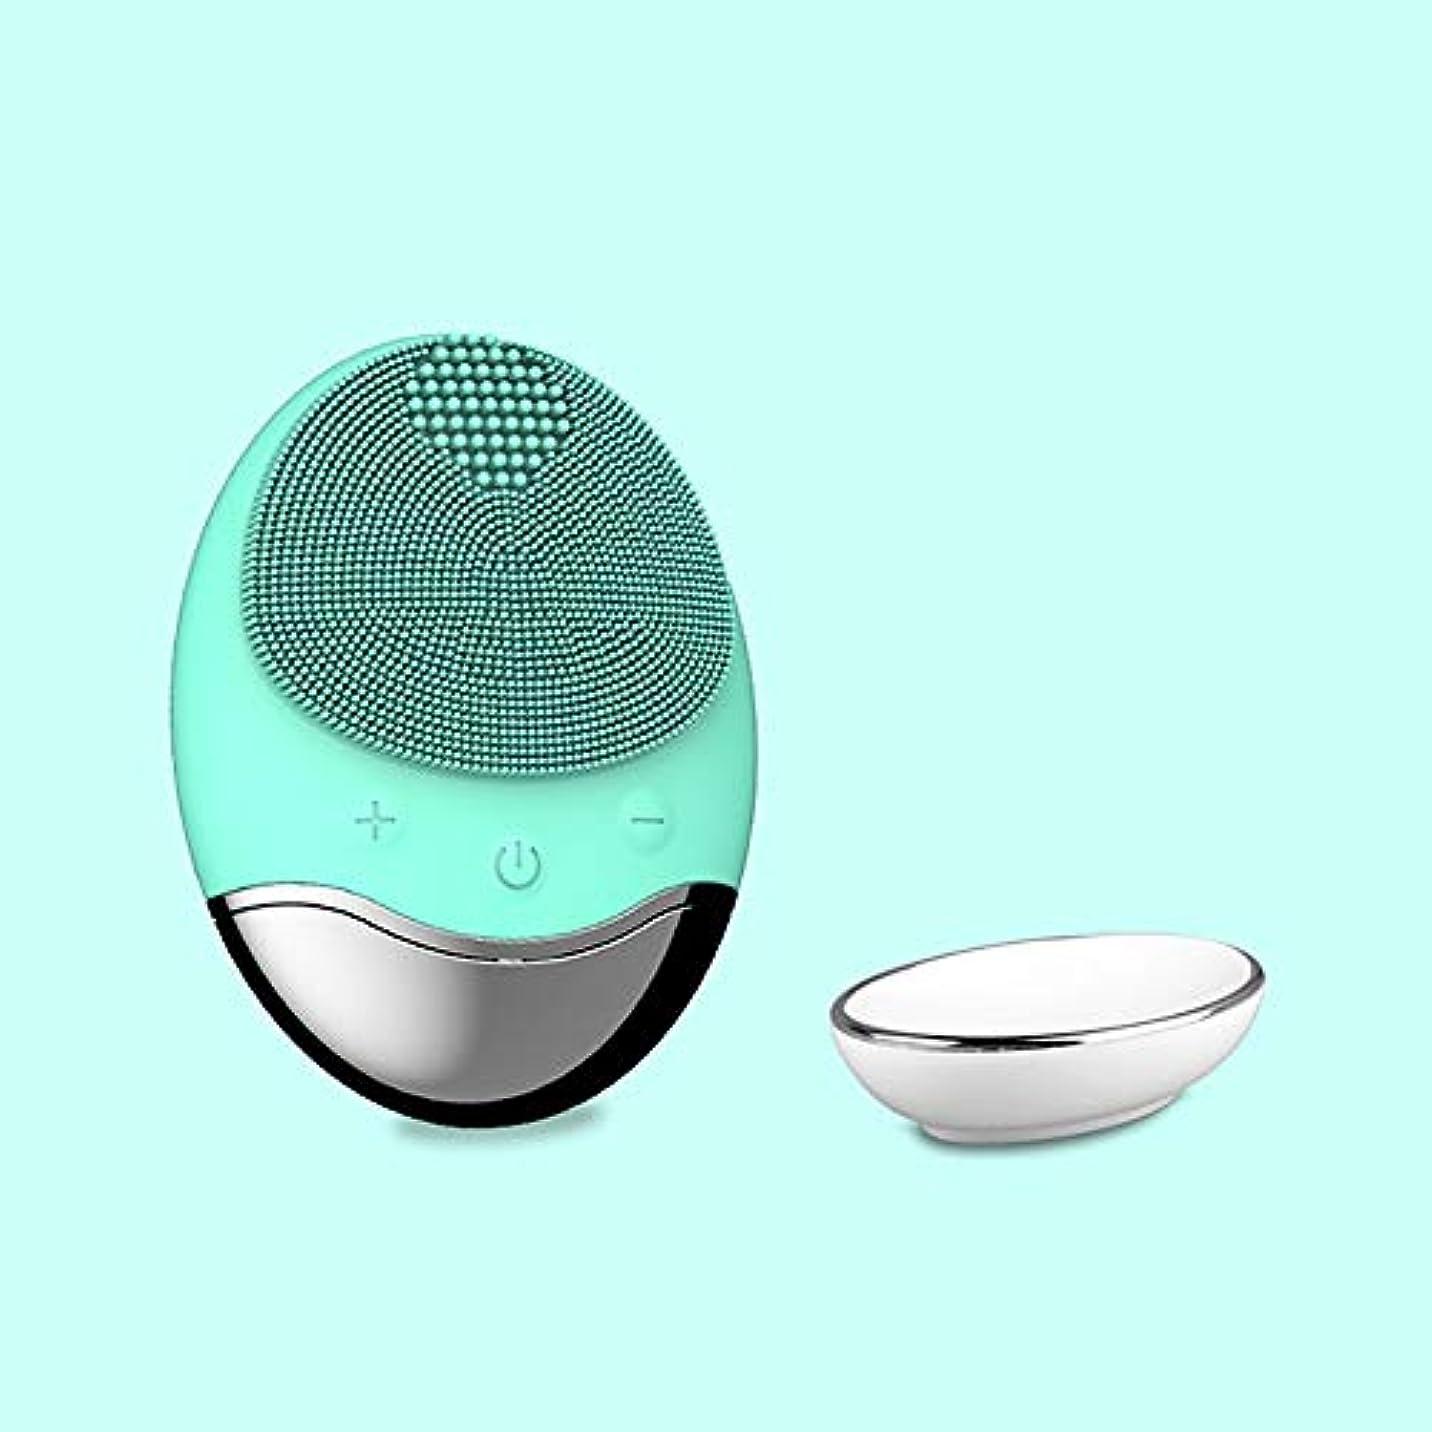 わがままドリンク抜本的なZXF 新しいアップグレードワイヤレス充電電気家庭用竹炭シリコーン防水超音波洗浄毛穴洗浄器具洗浄器具輸入器具 滑らかである (色 : Green)